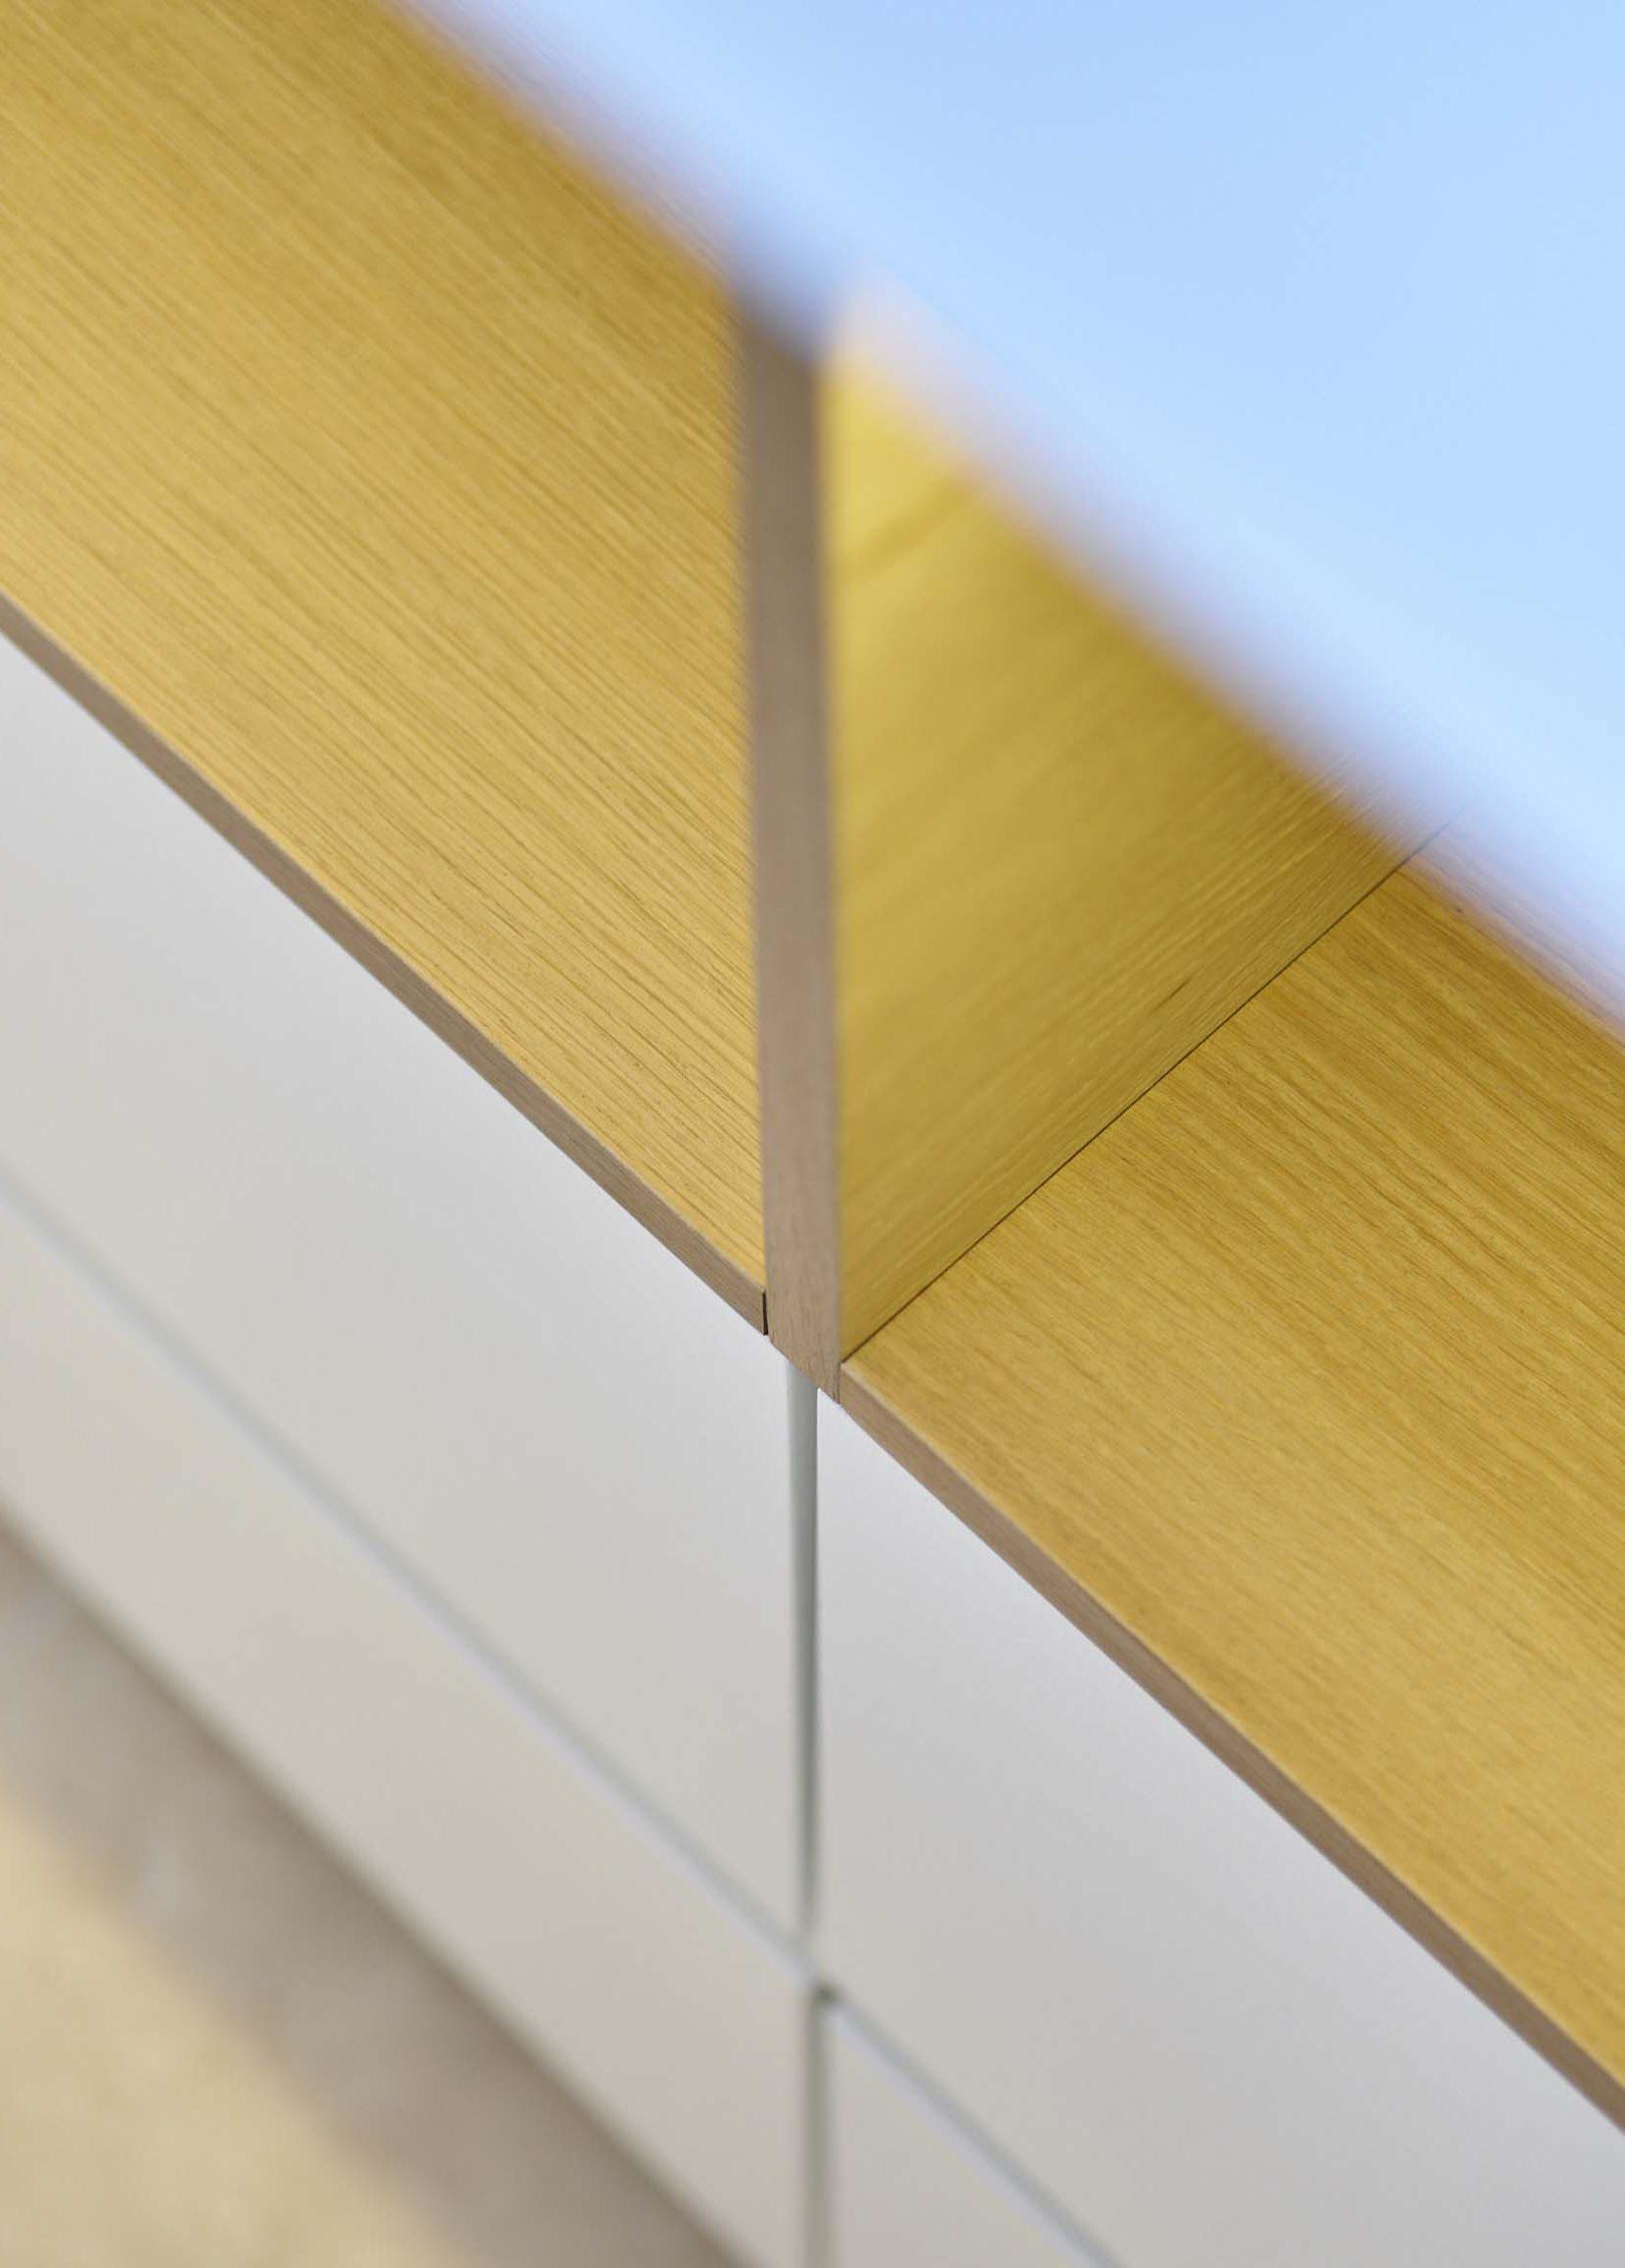 Vanda-projects-interieurinrichting-meubelmakerij-oost-vlaanderen-riem-hout-kast